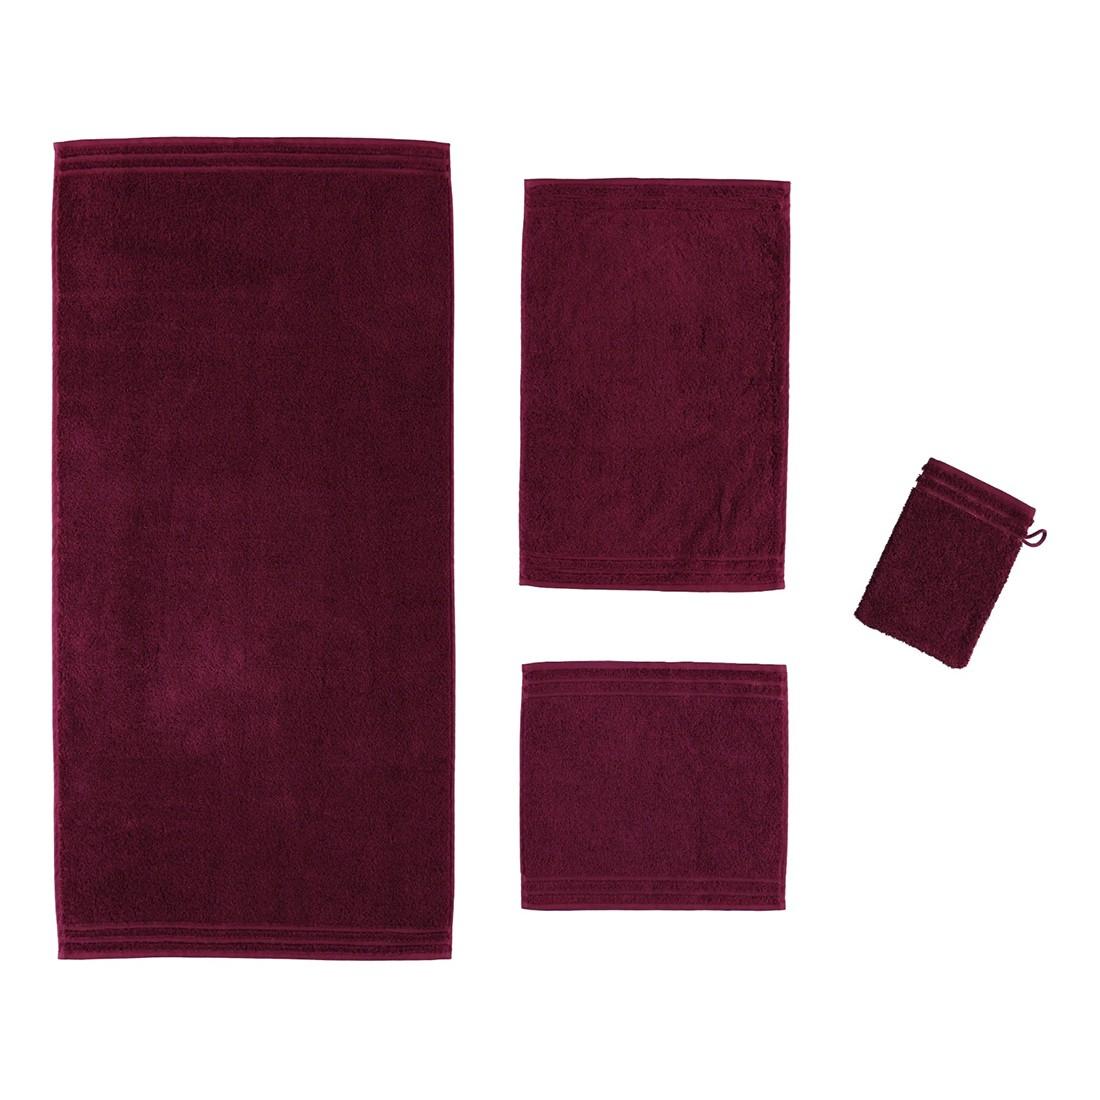 Handtuch Calypso Feeling – 100% Baumwolle grape – 864 – Duschtuch: 67×140 cm, Vossen online kaufen